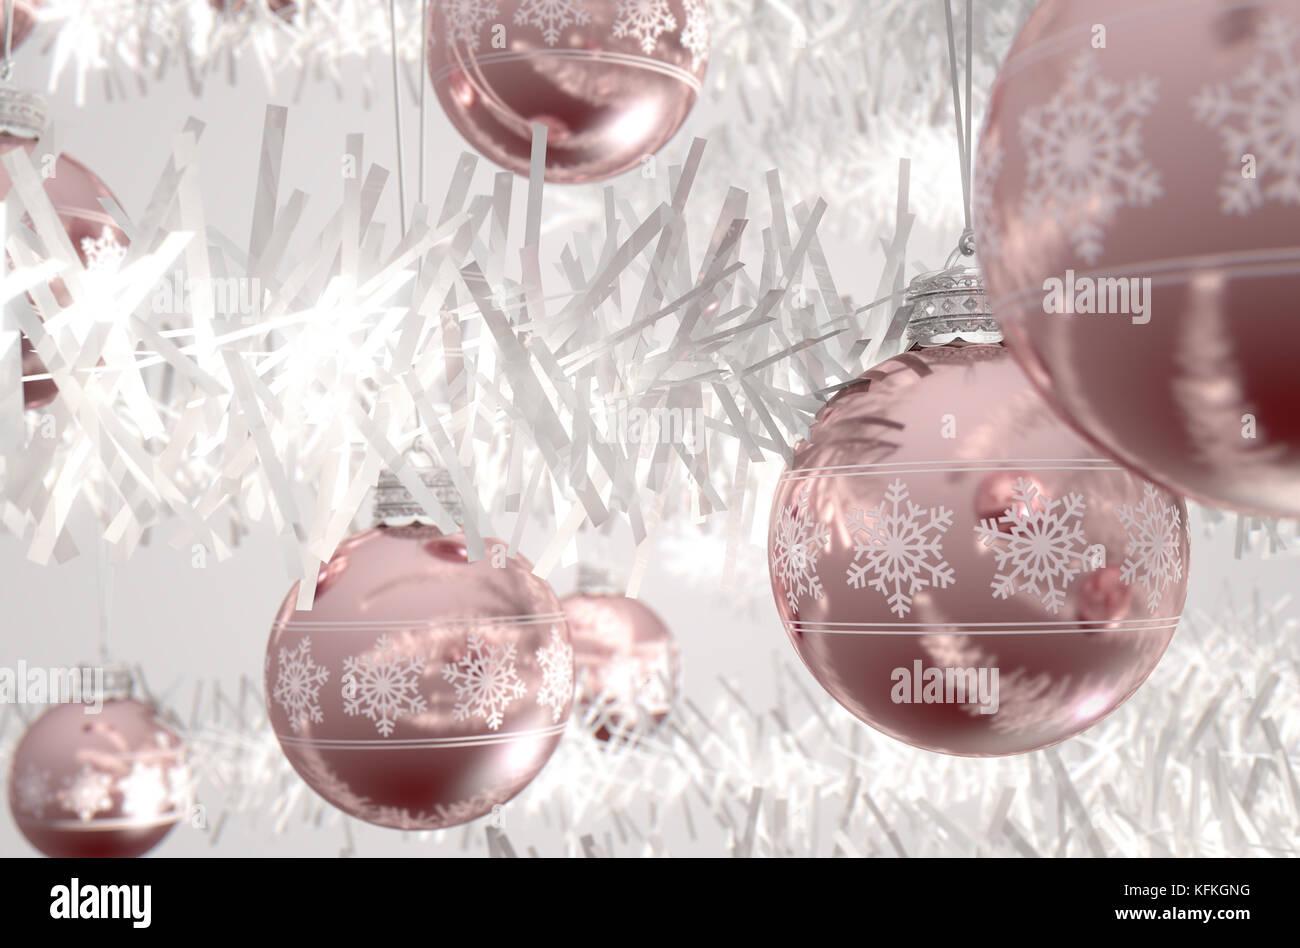 Christbaumkugeln Rosegold.Rose Gold Weihnachtskugeln Mit Fein Verzierten Schneeflocke